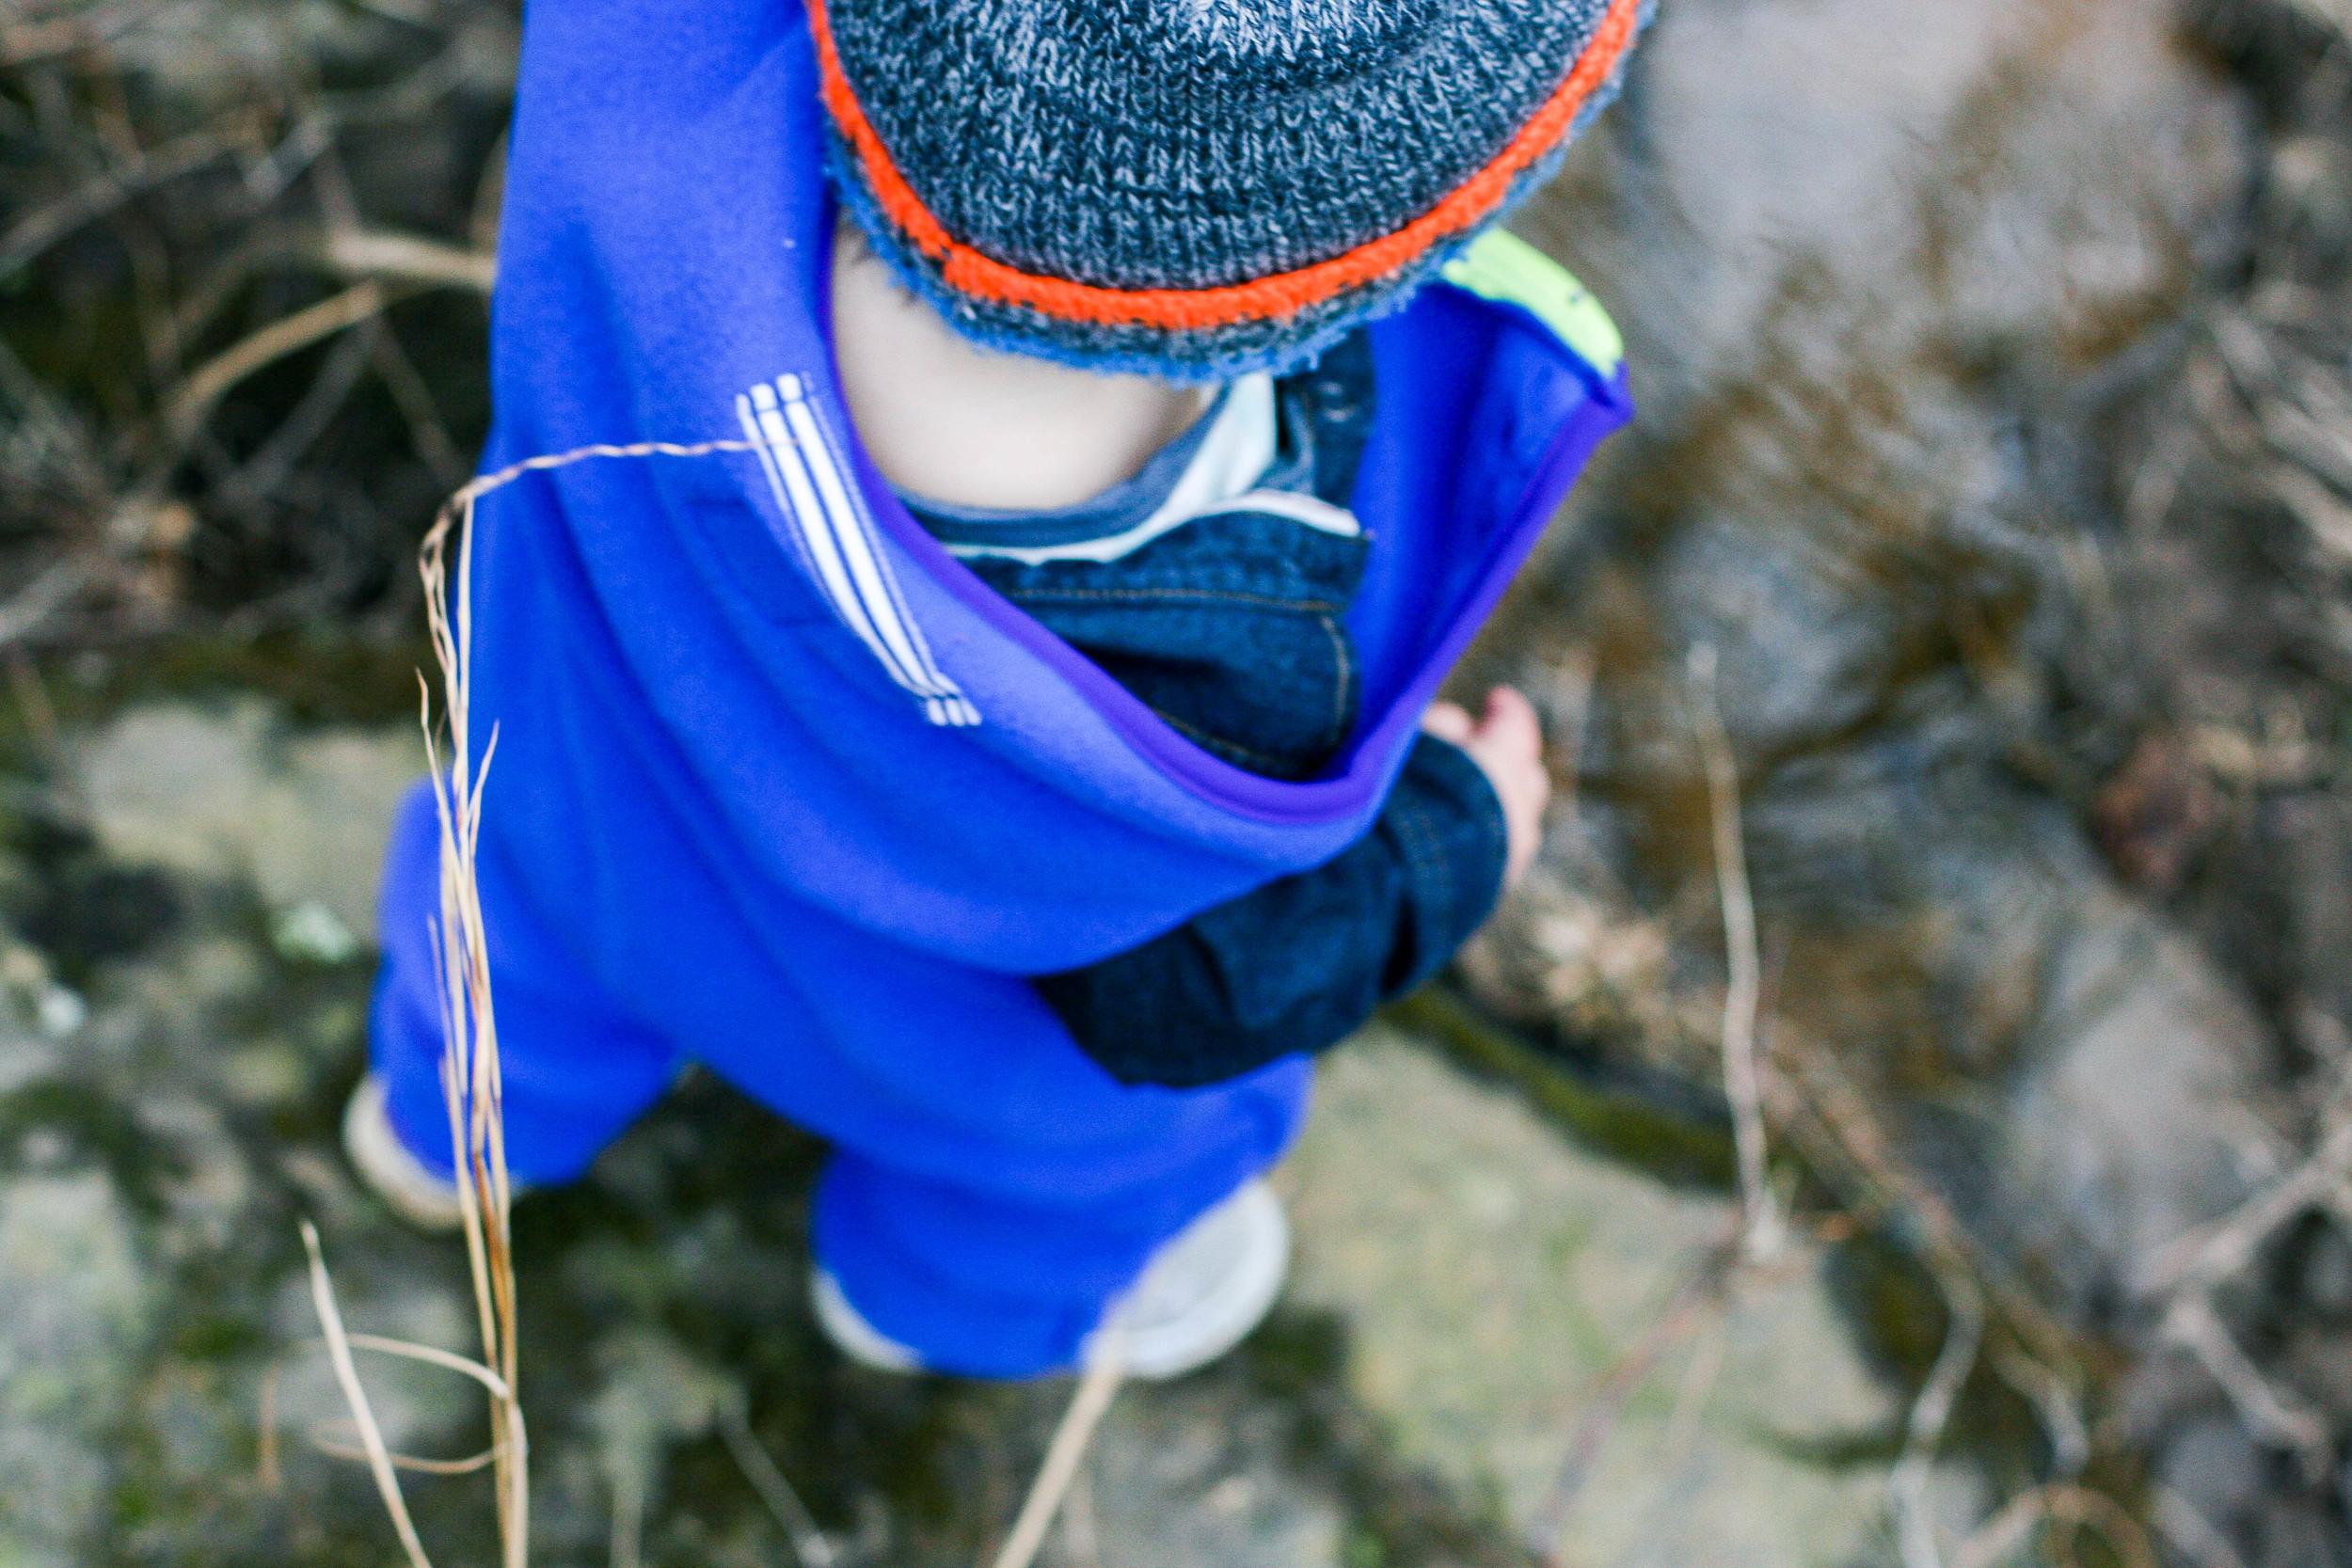 Everett is wearing  the Trailhopper,  C/O Cozey7 in frost blue.